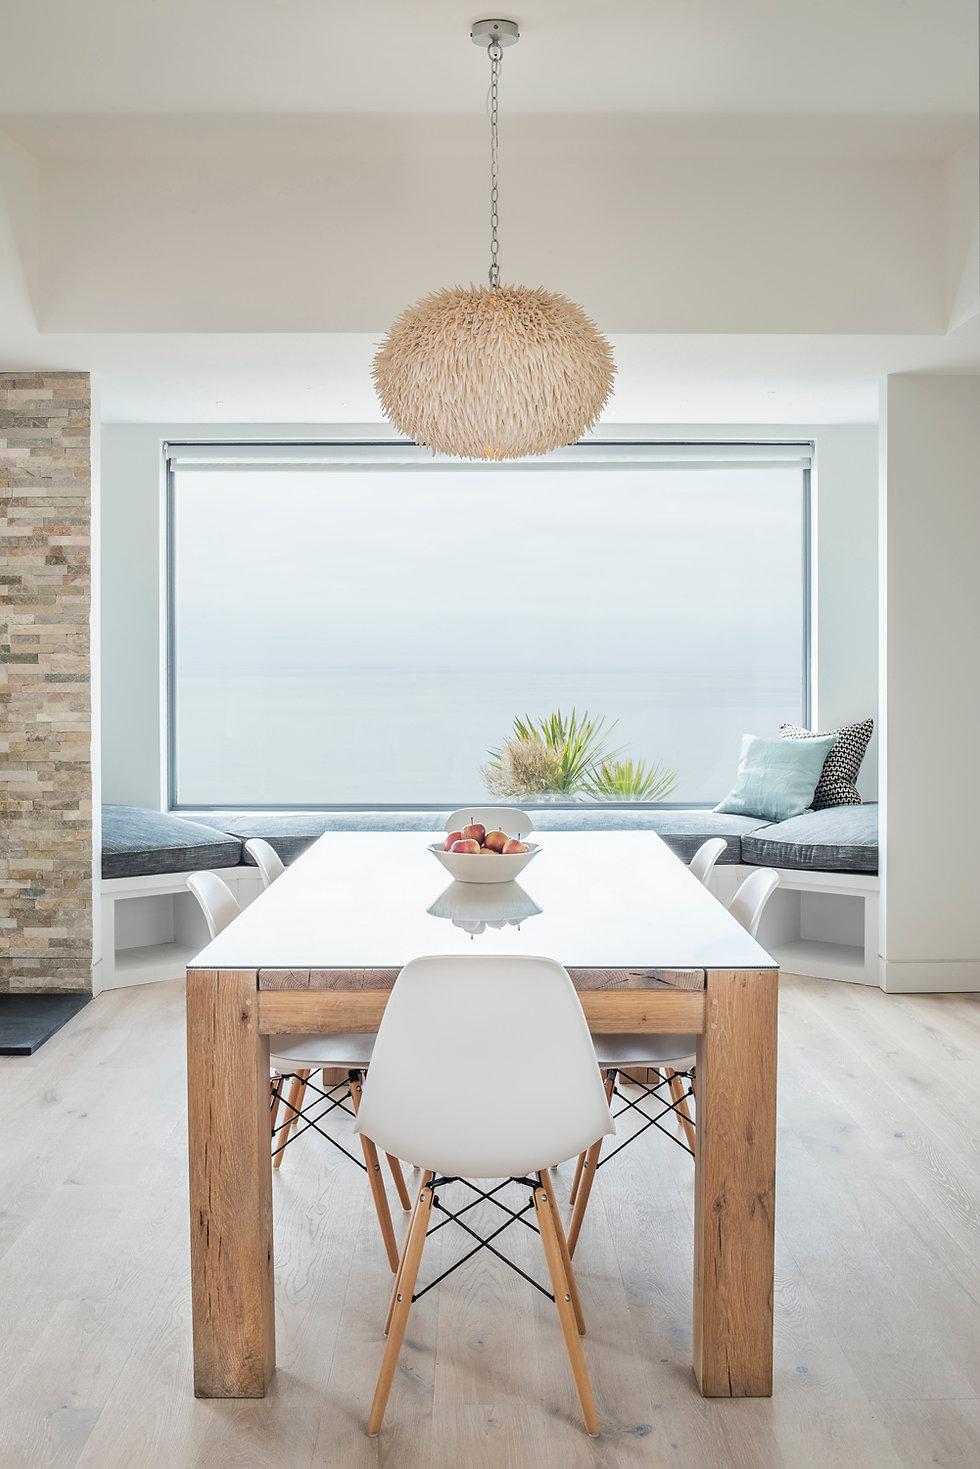 KAST Architects - Sea Edge - Dining Room